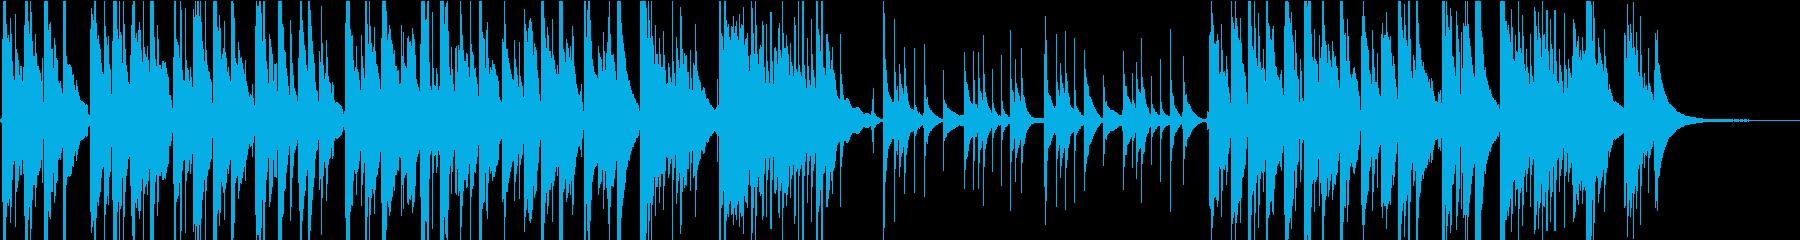 日本の秋の名曲をソロギターでの再生済みの波形